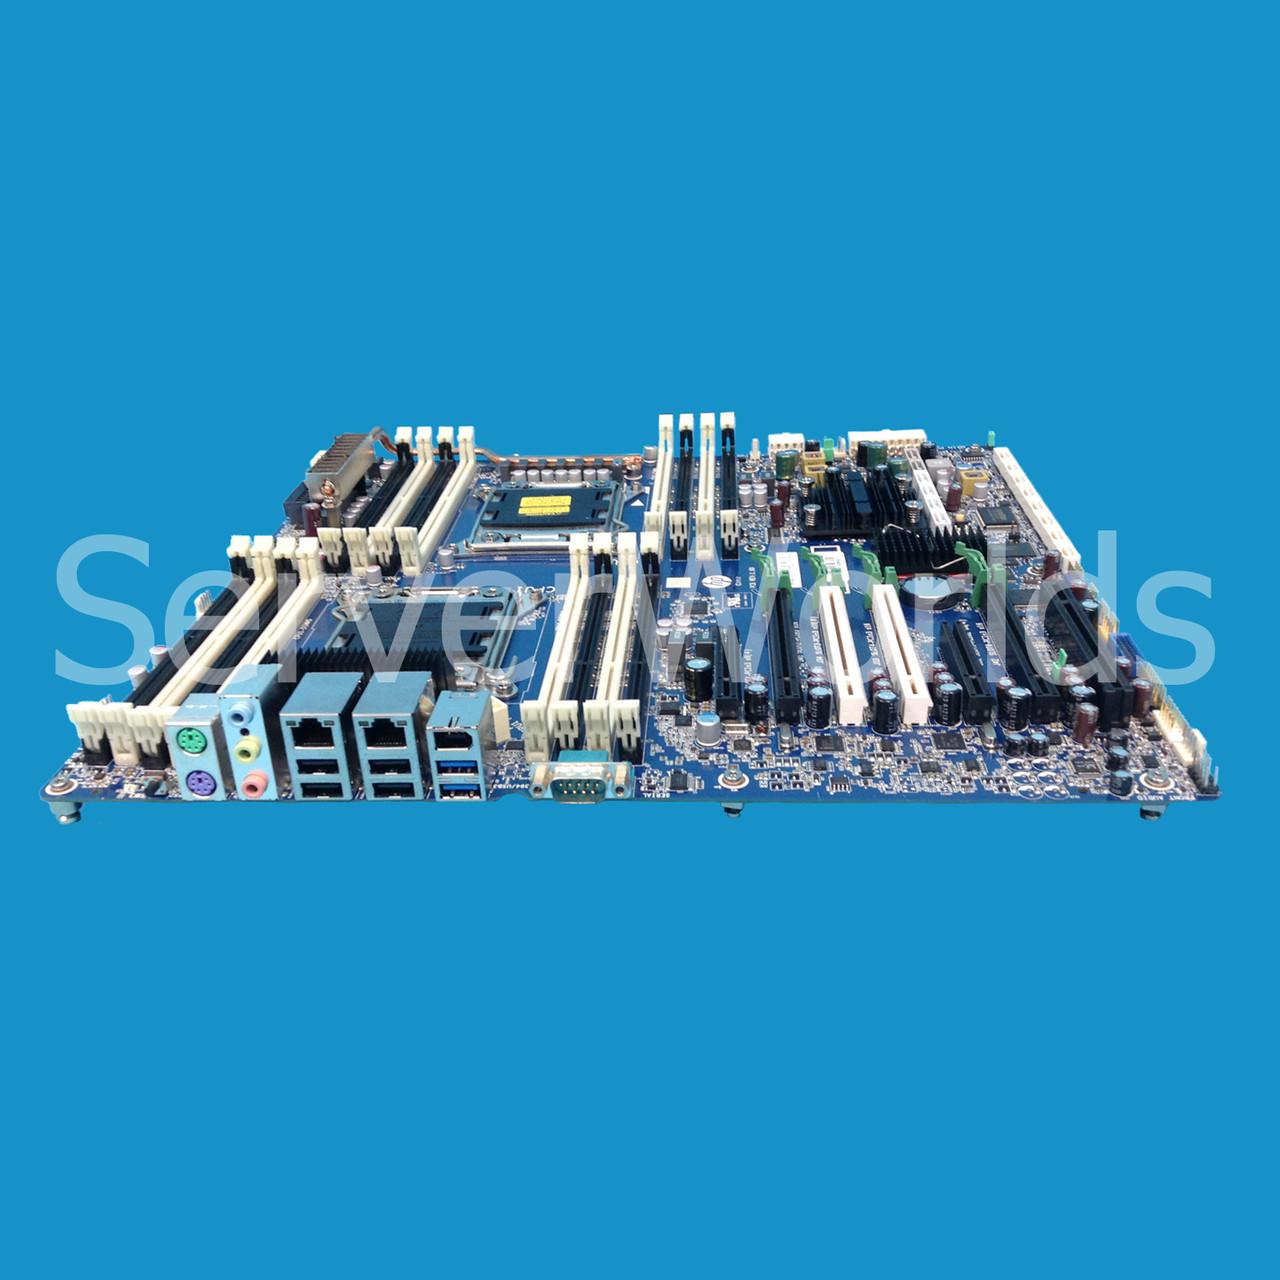 HP 708610-001 | Z820 Motherboard 708610-601 - Serverworlds